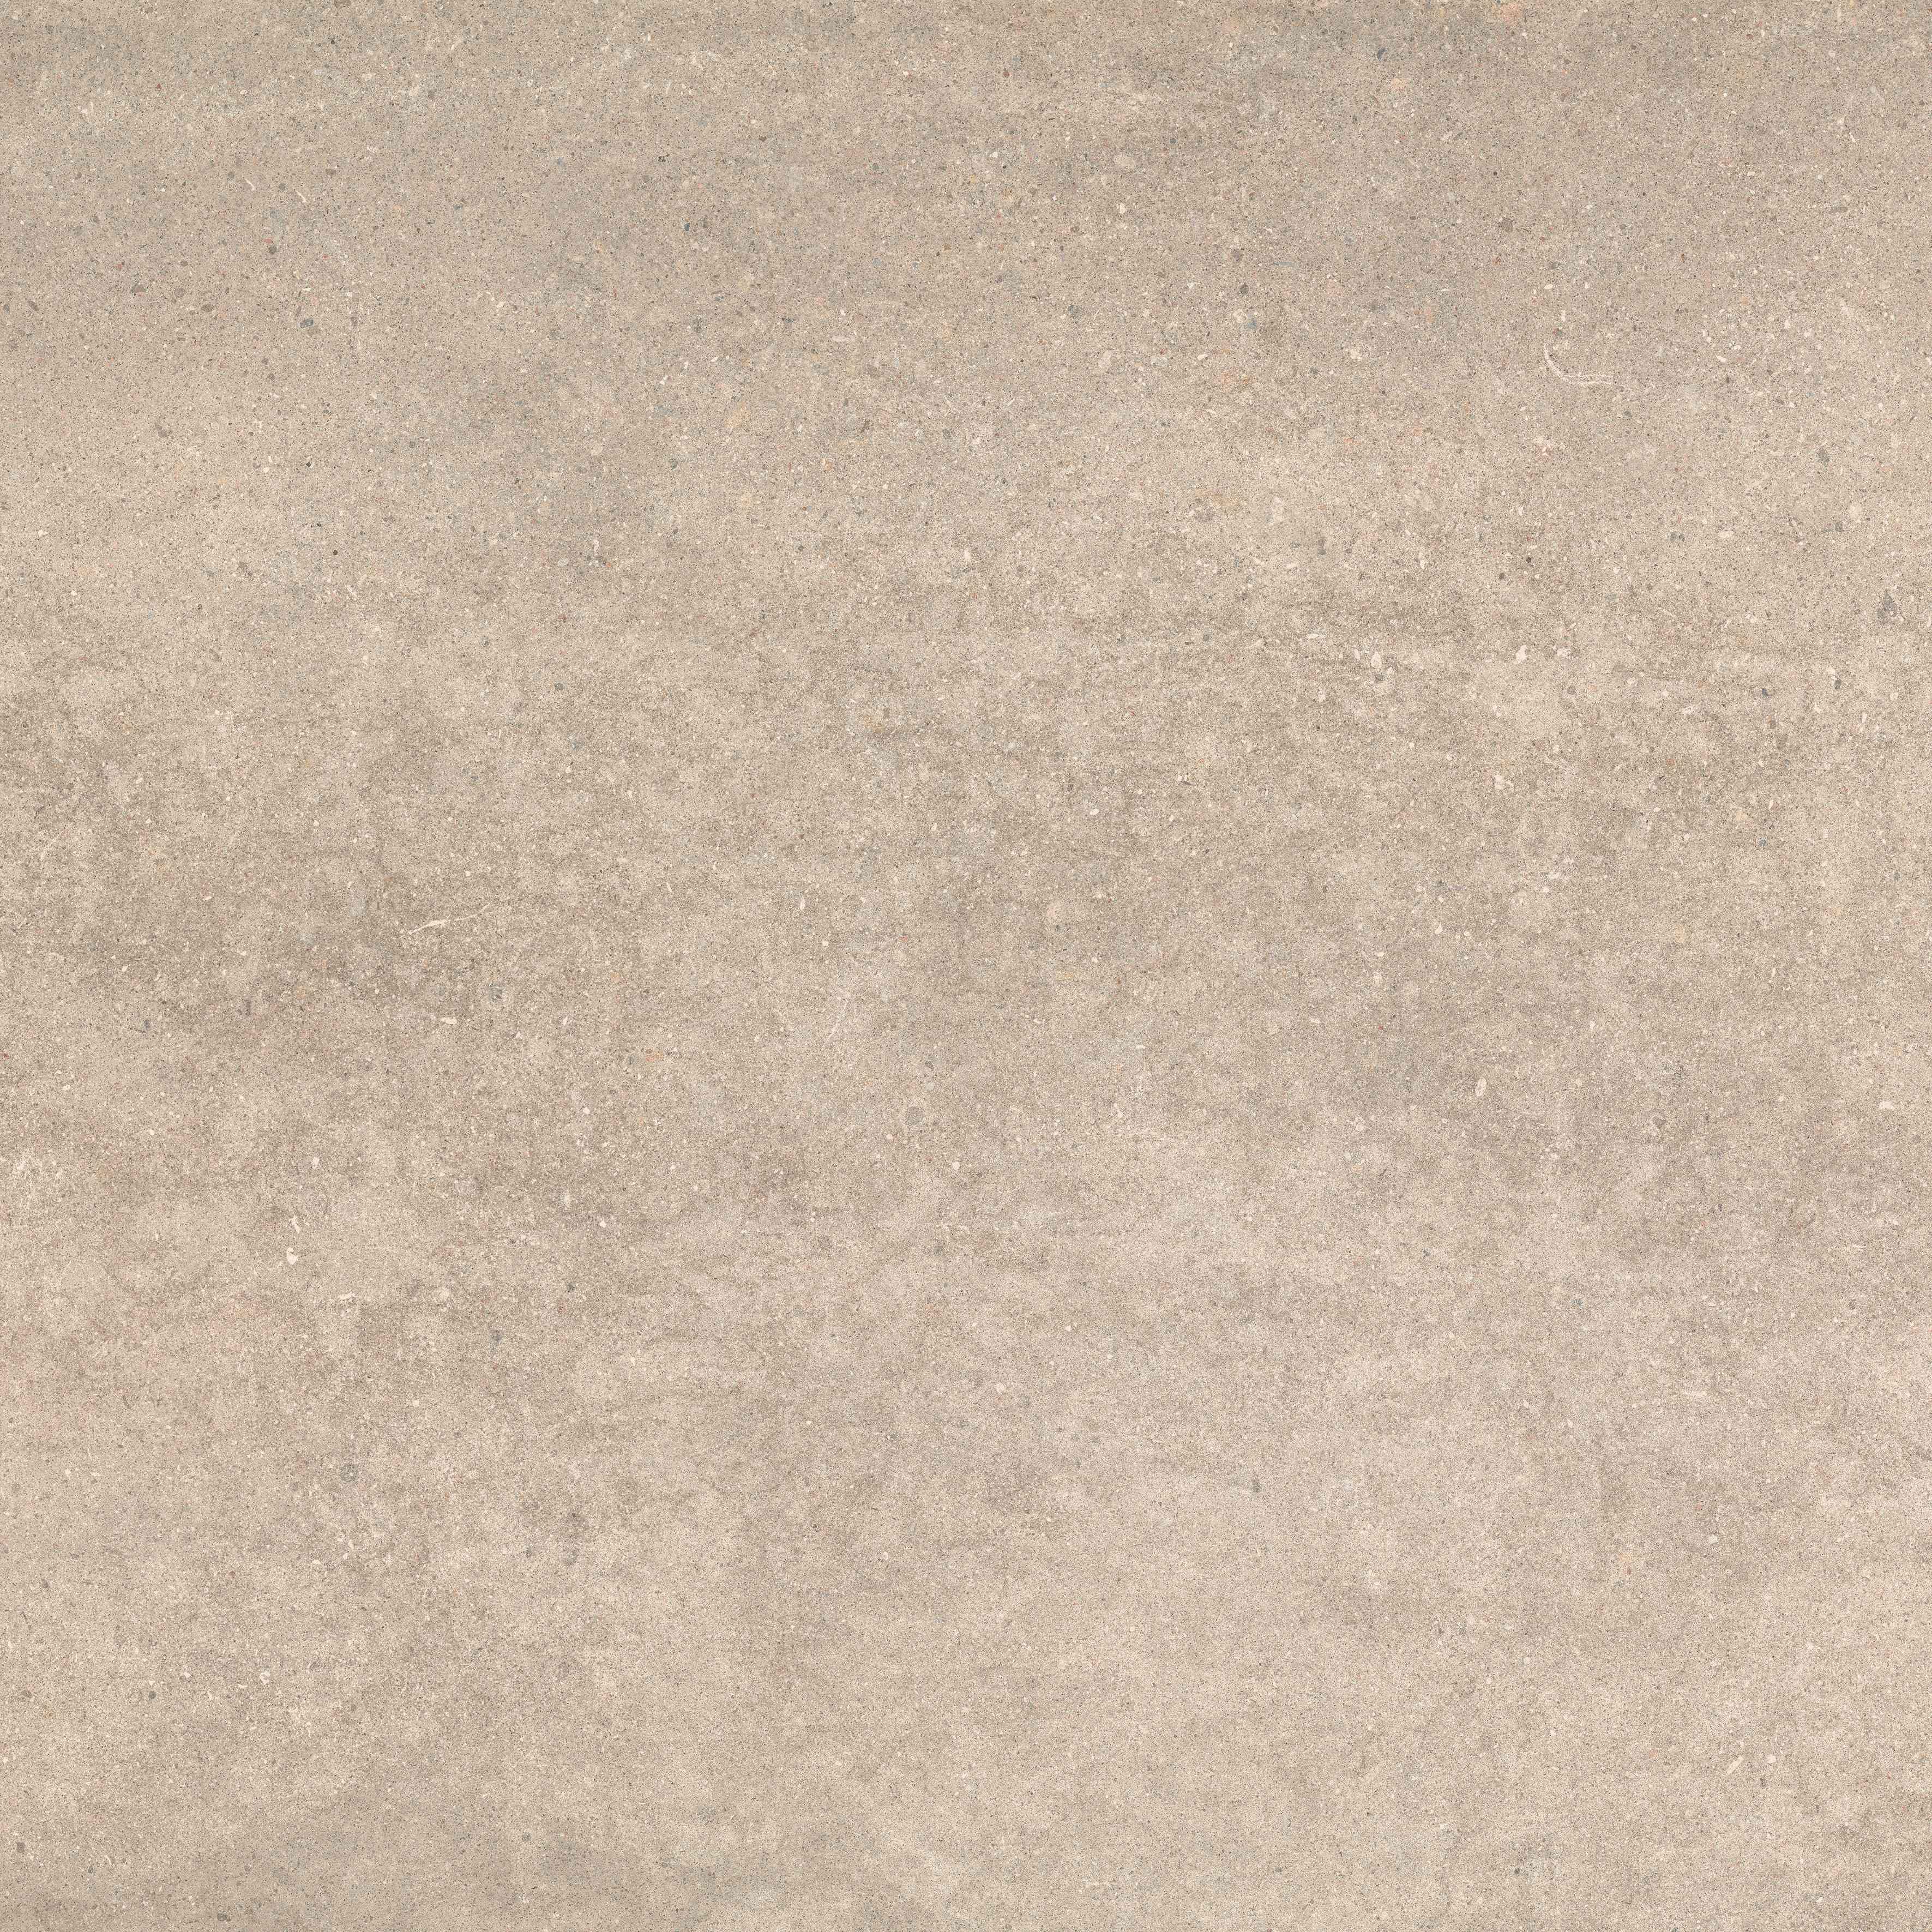 Плитка SABBIA (ZRXRM3R) изображение 9